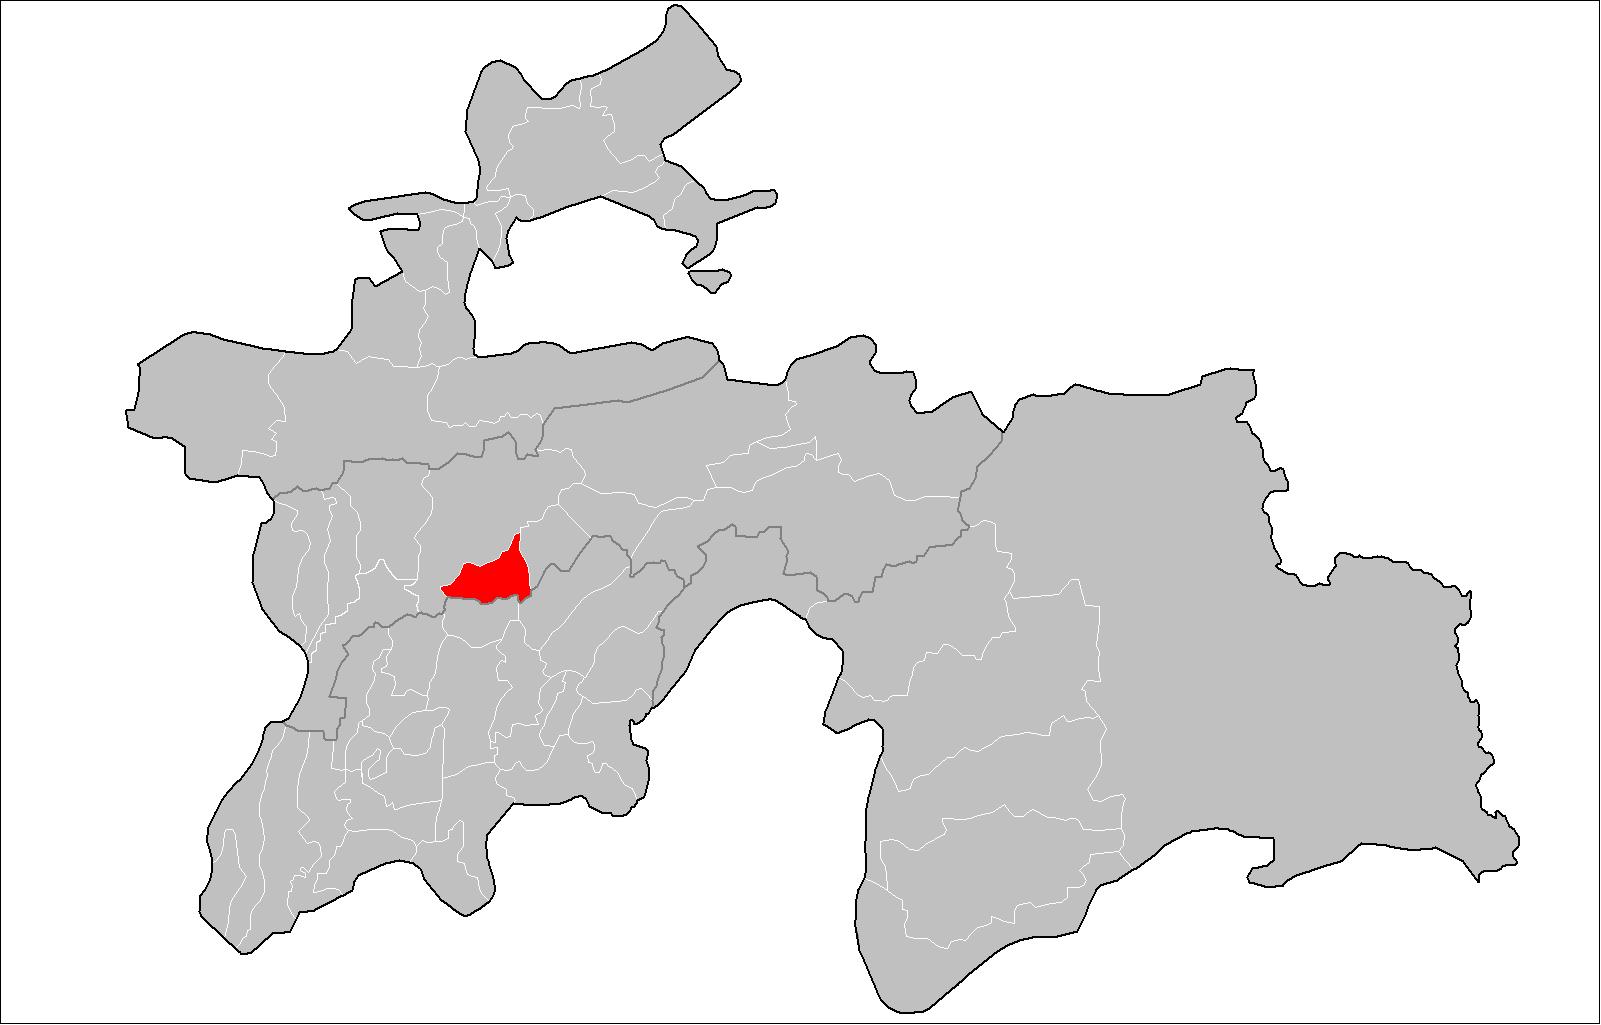 ناحیه فیضآباد